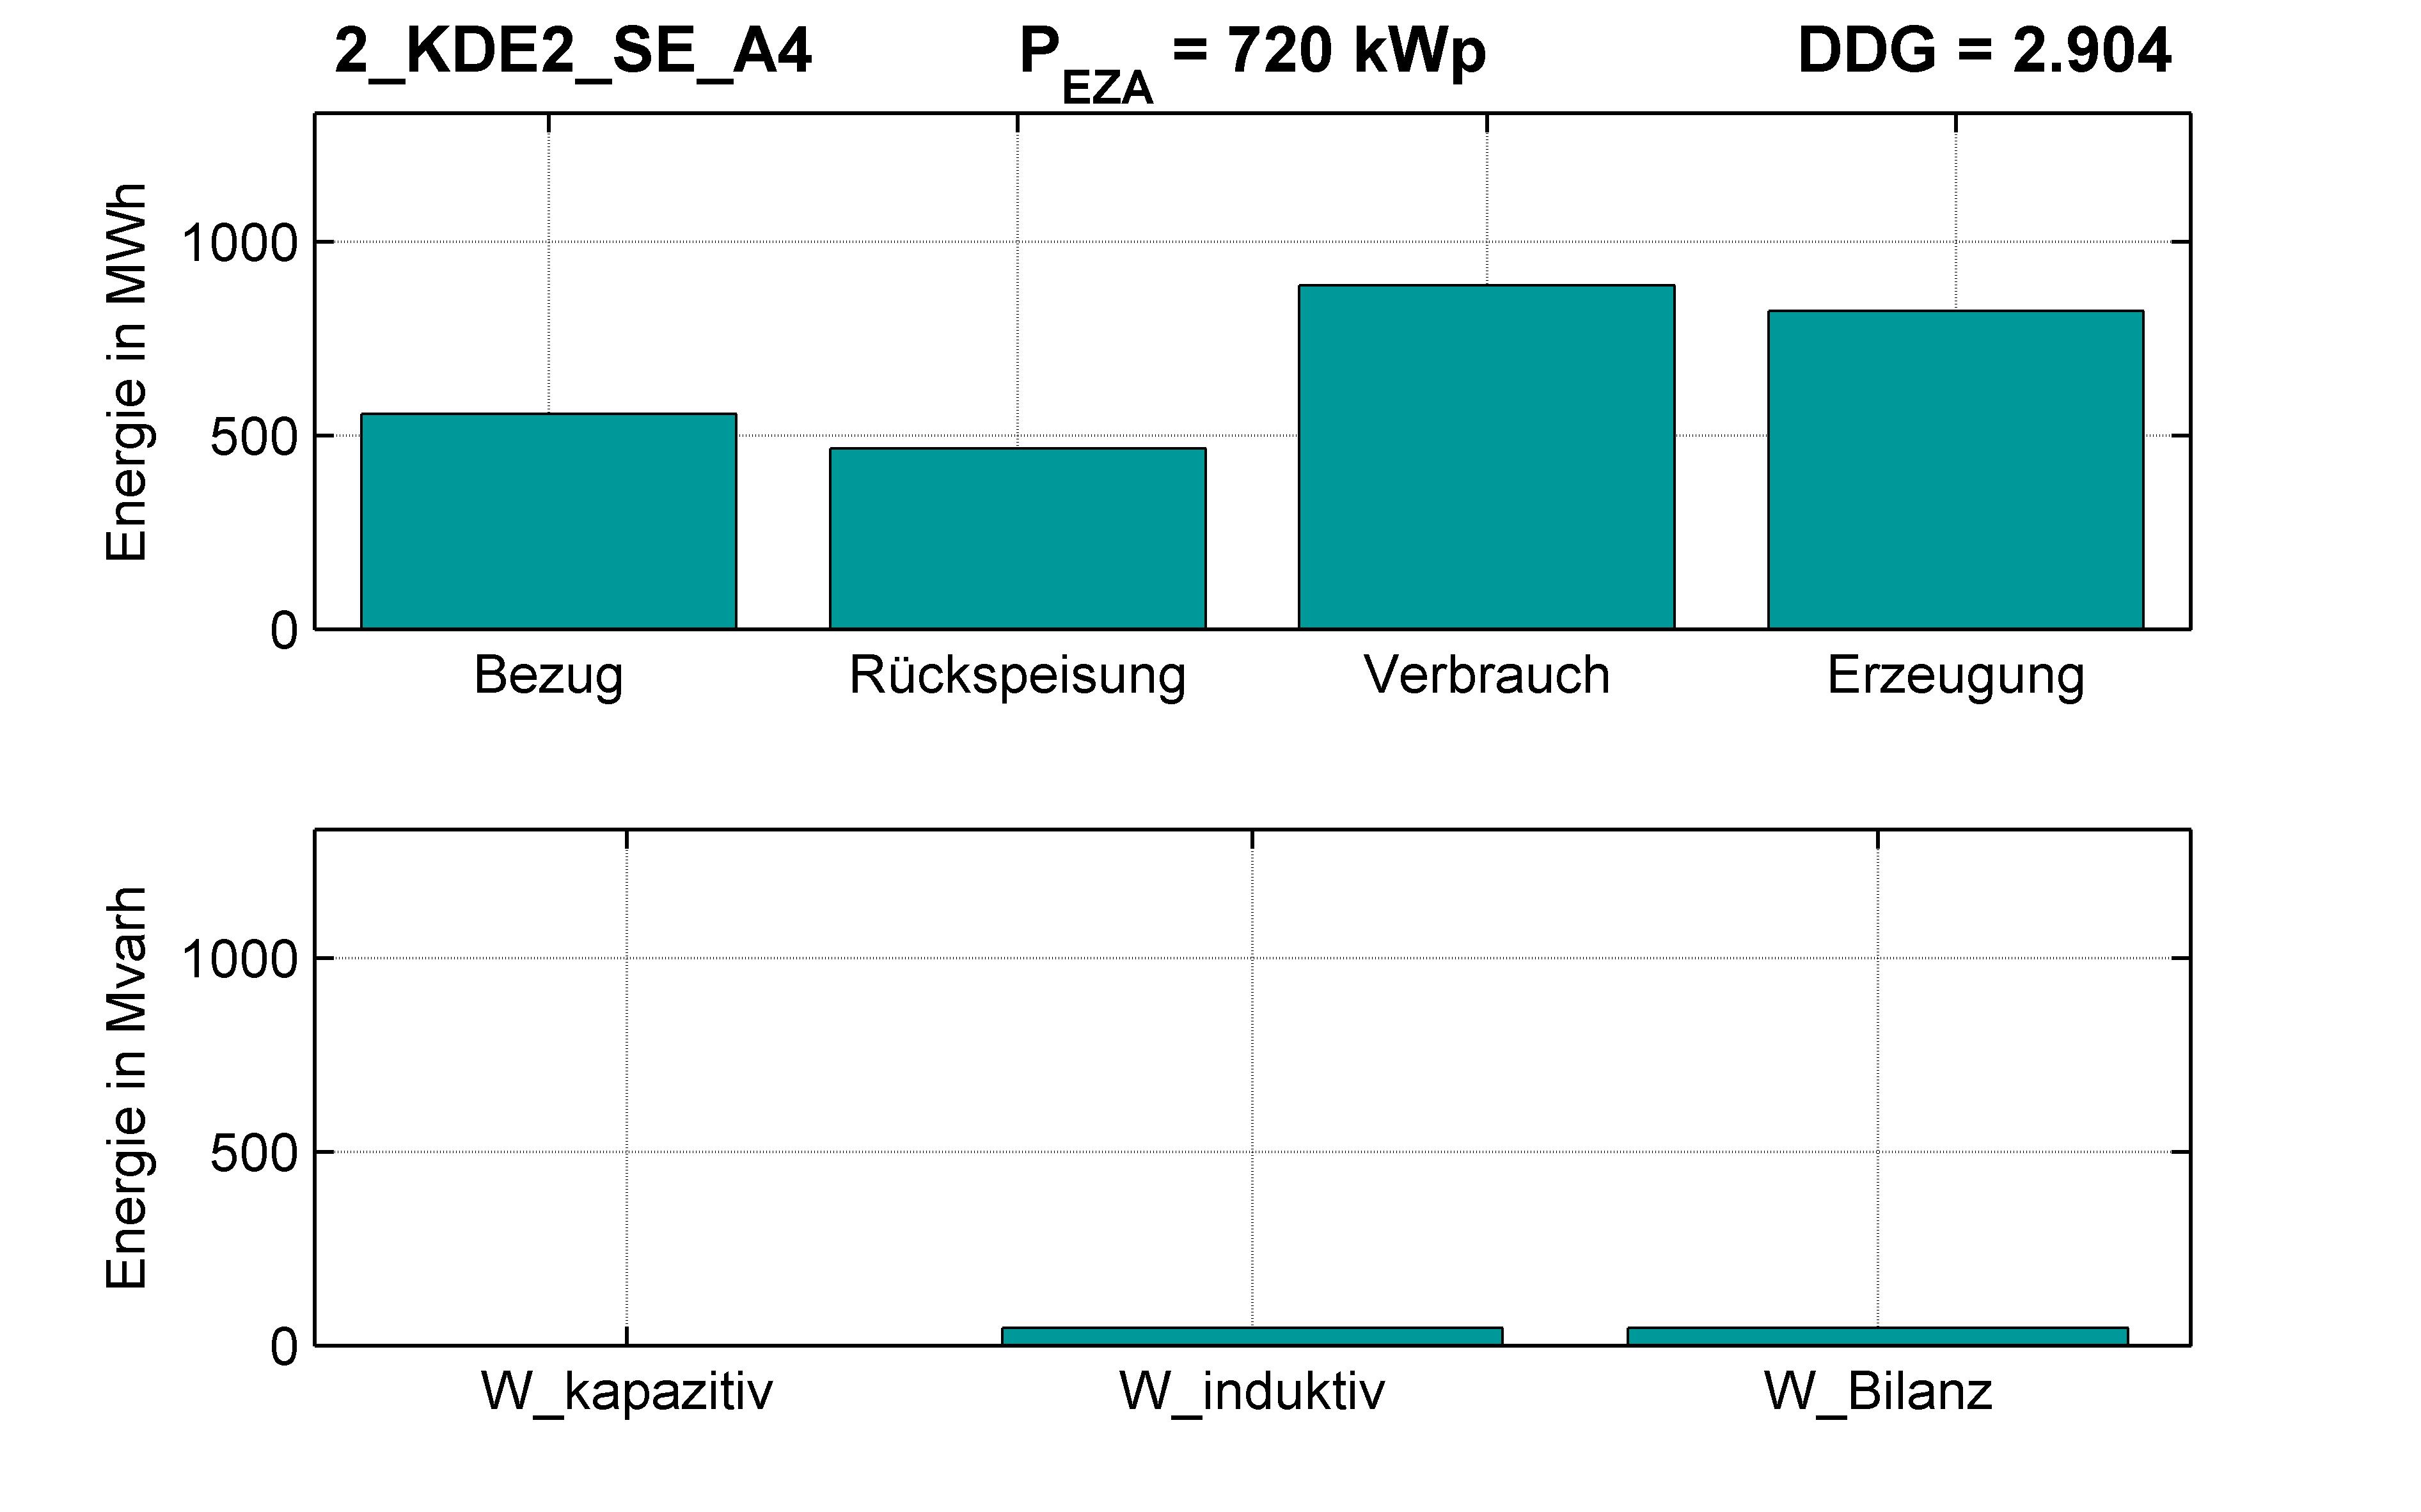 KDE2 | P-Kappung 85% (SE) A4 | PQ-Bilanz